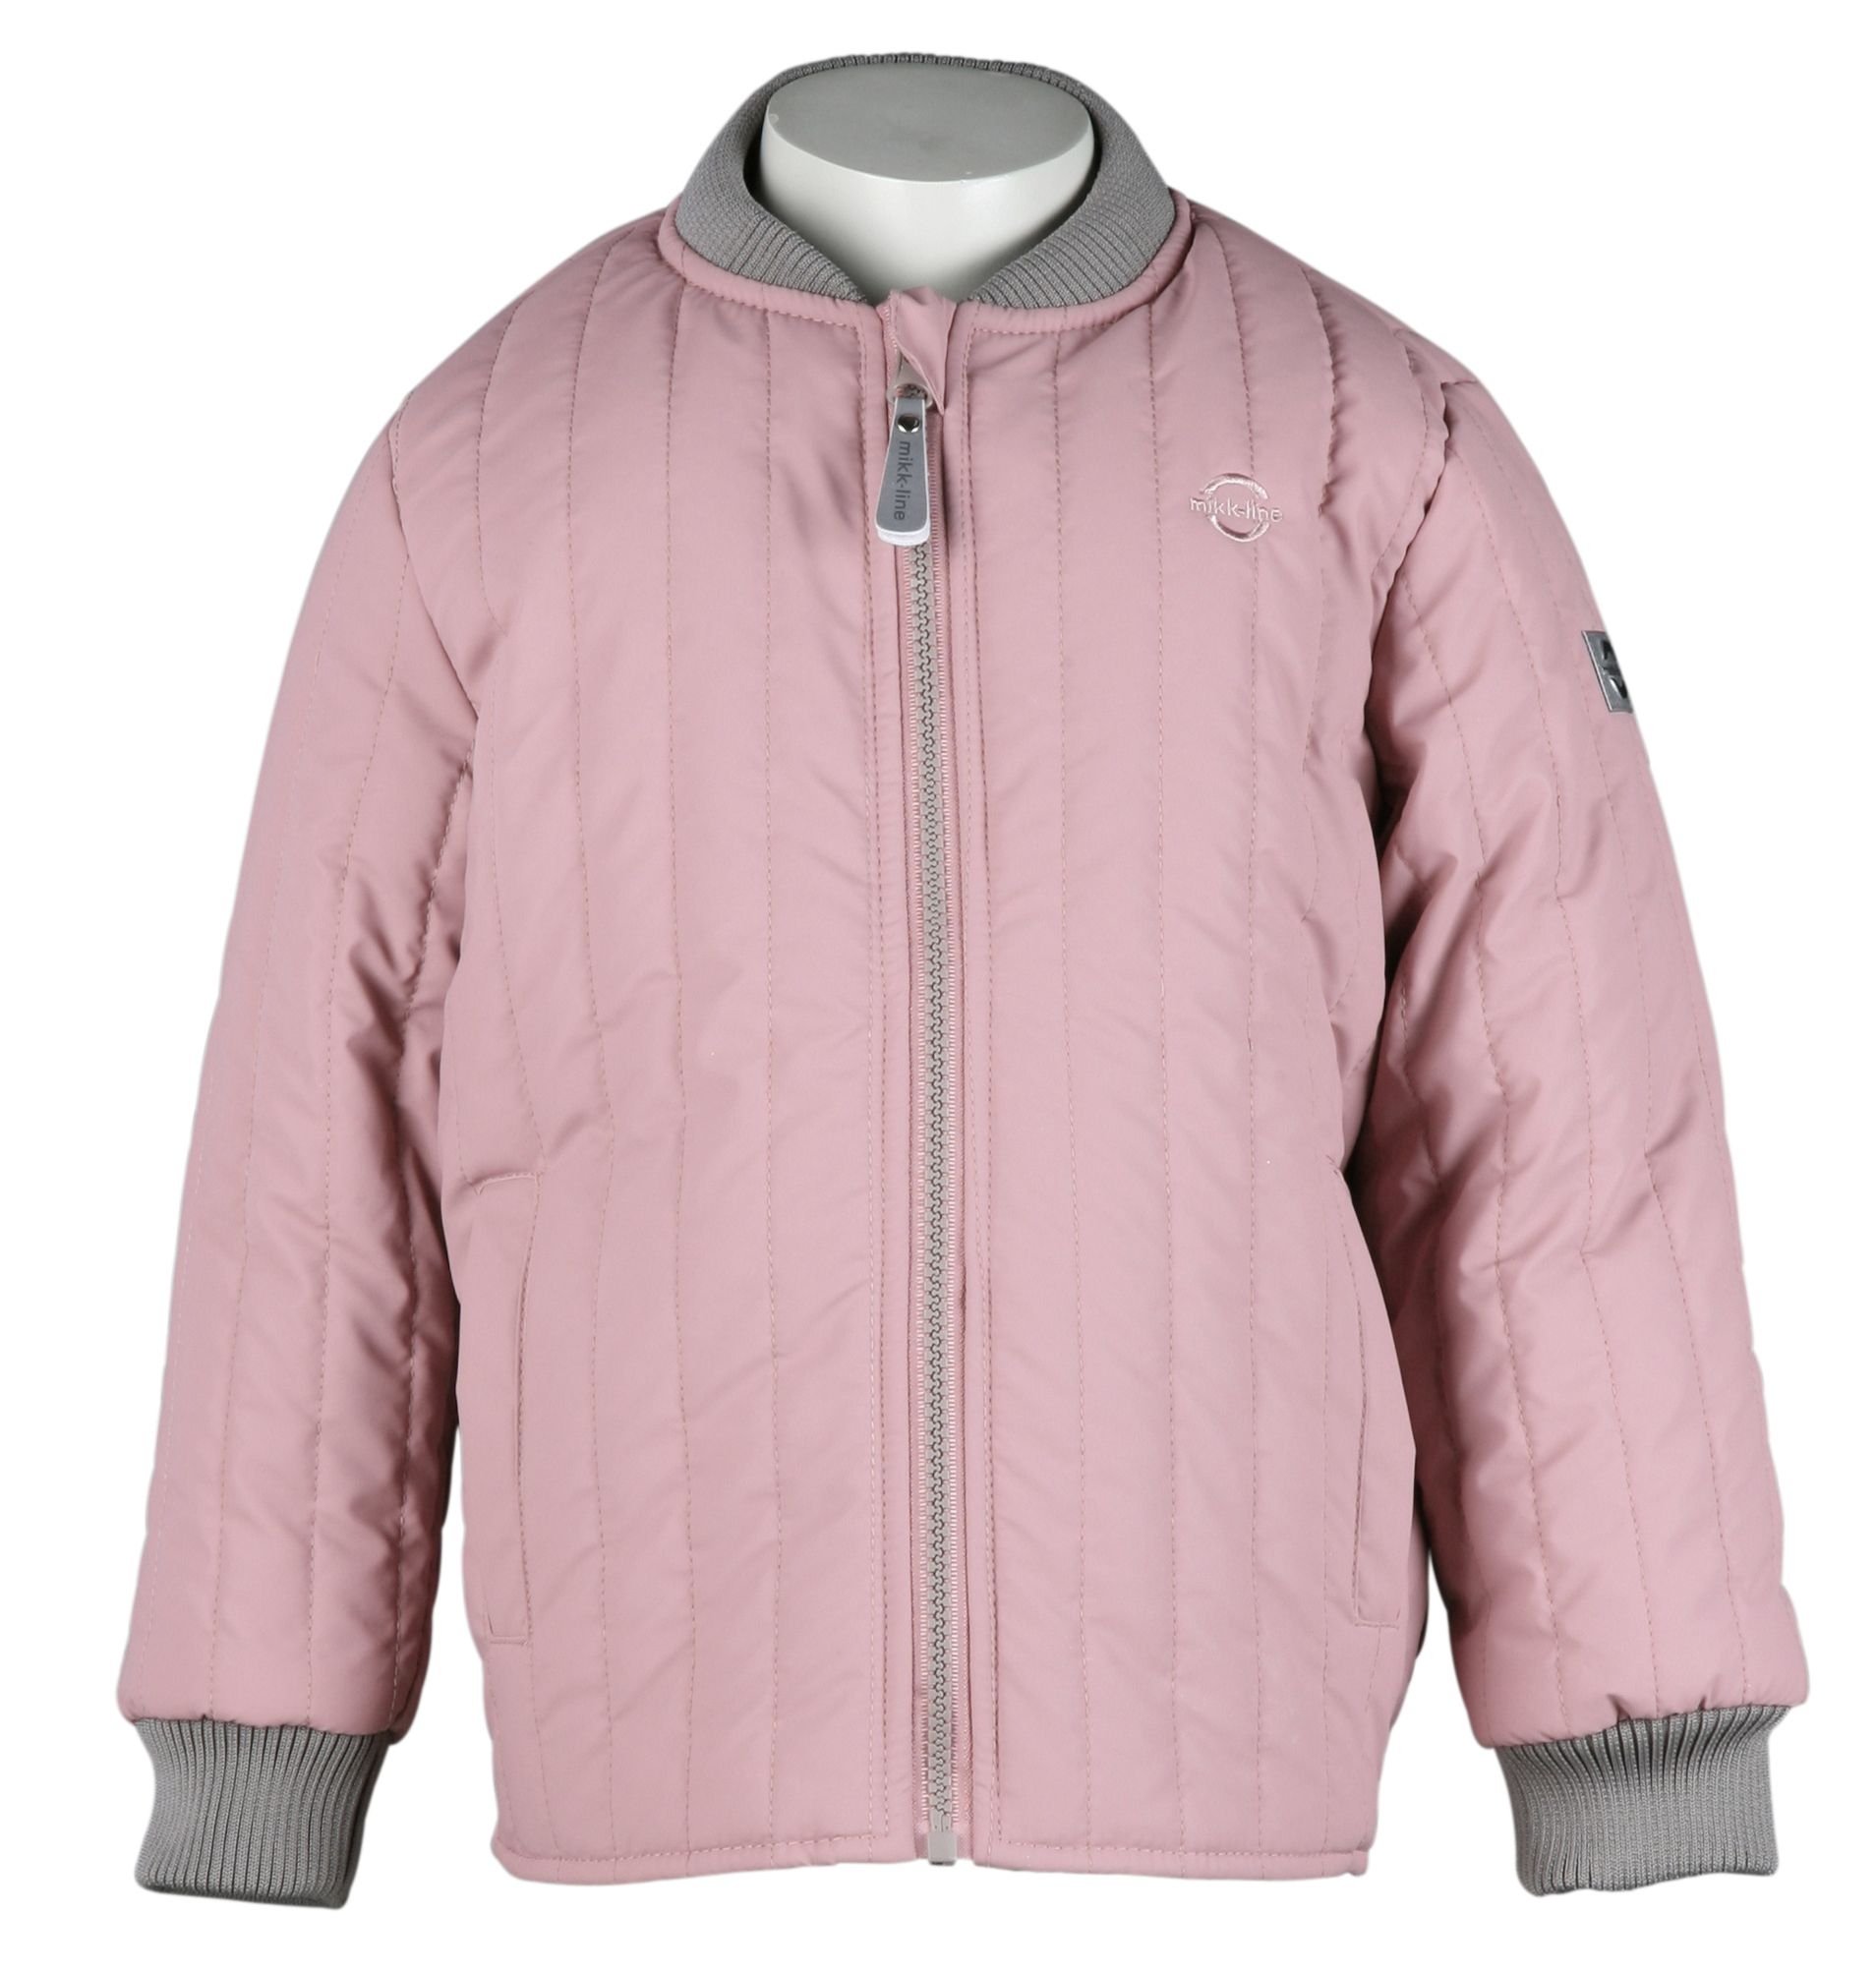 Image of   Soft duvet thermo jakke fra Mikk-Line - Dusty Rose